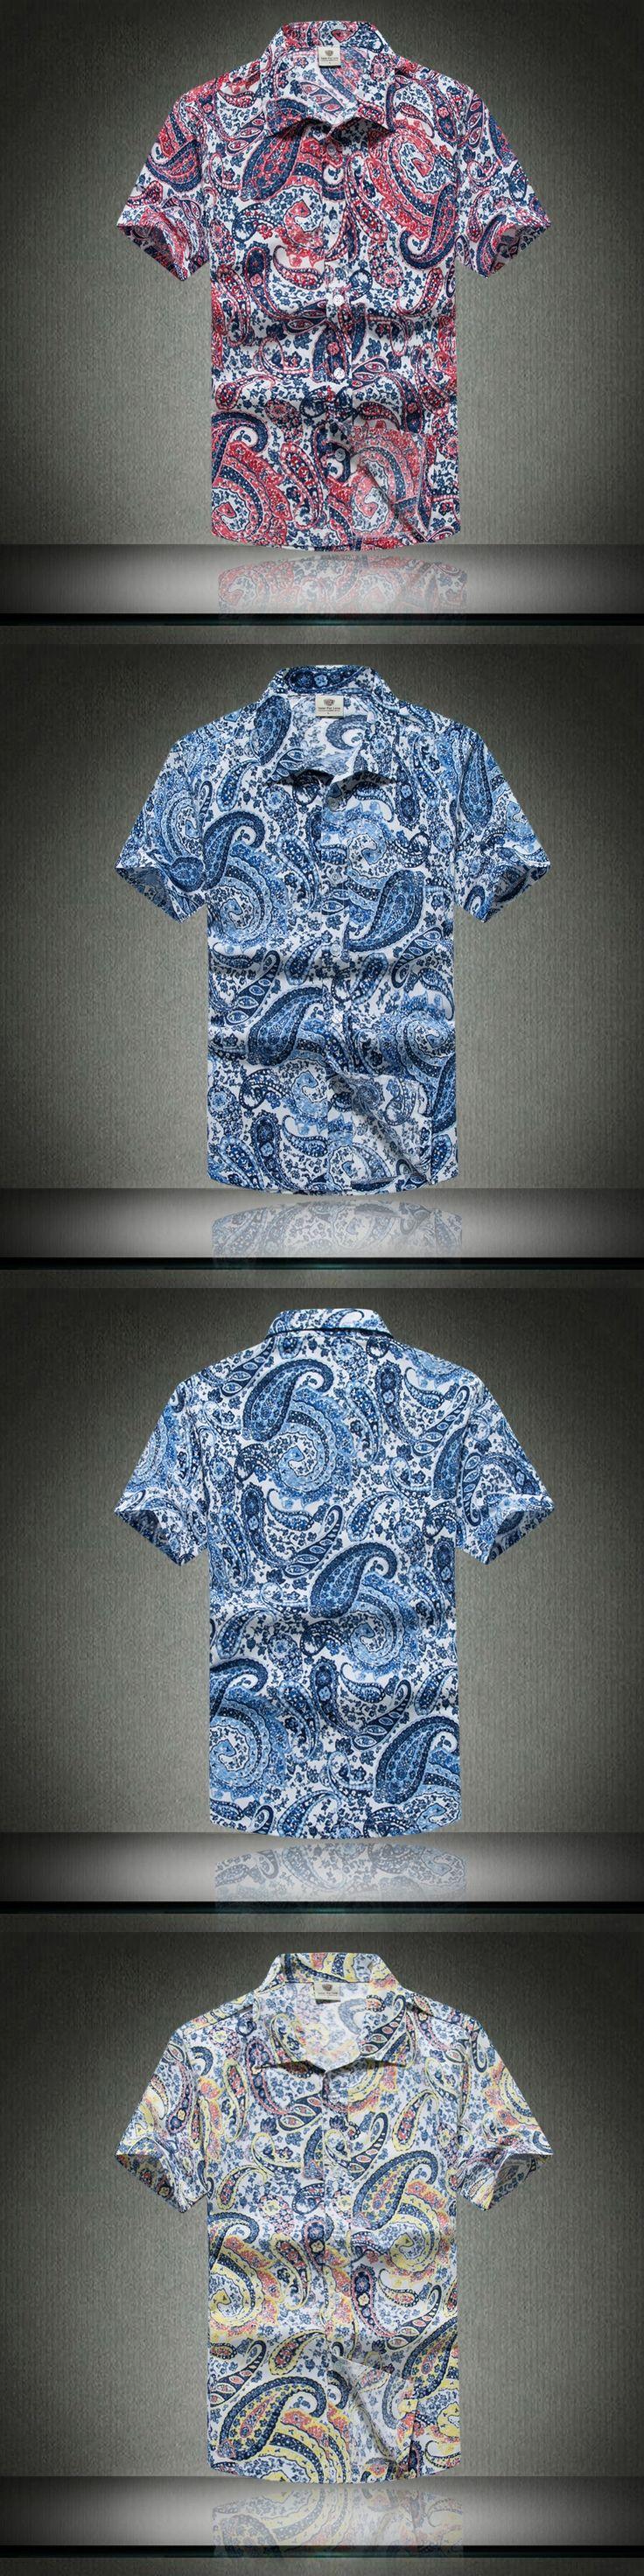 Mens Hawaiian Shirt Male Casual camisa masculina Printed Beach Shirts Short Sleeve 2016 New Free Shipping Asian SizeM-5XL